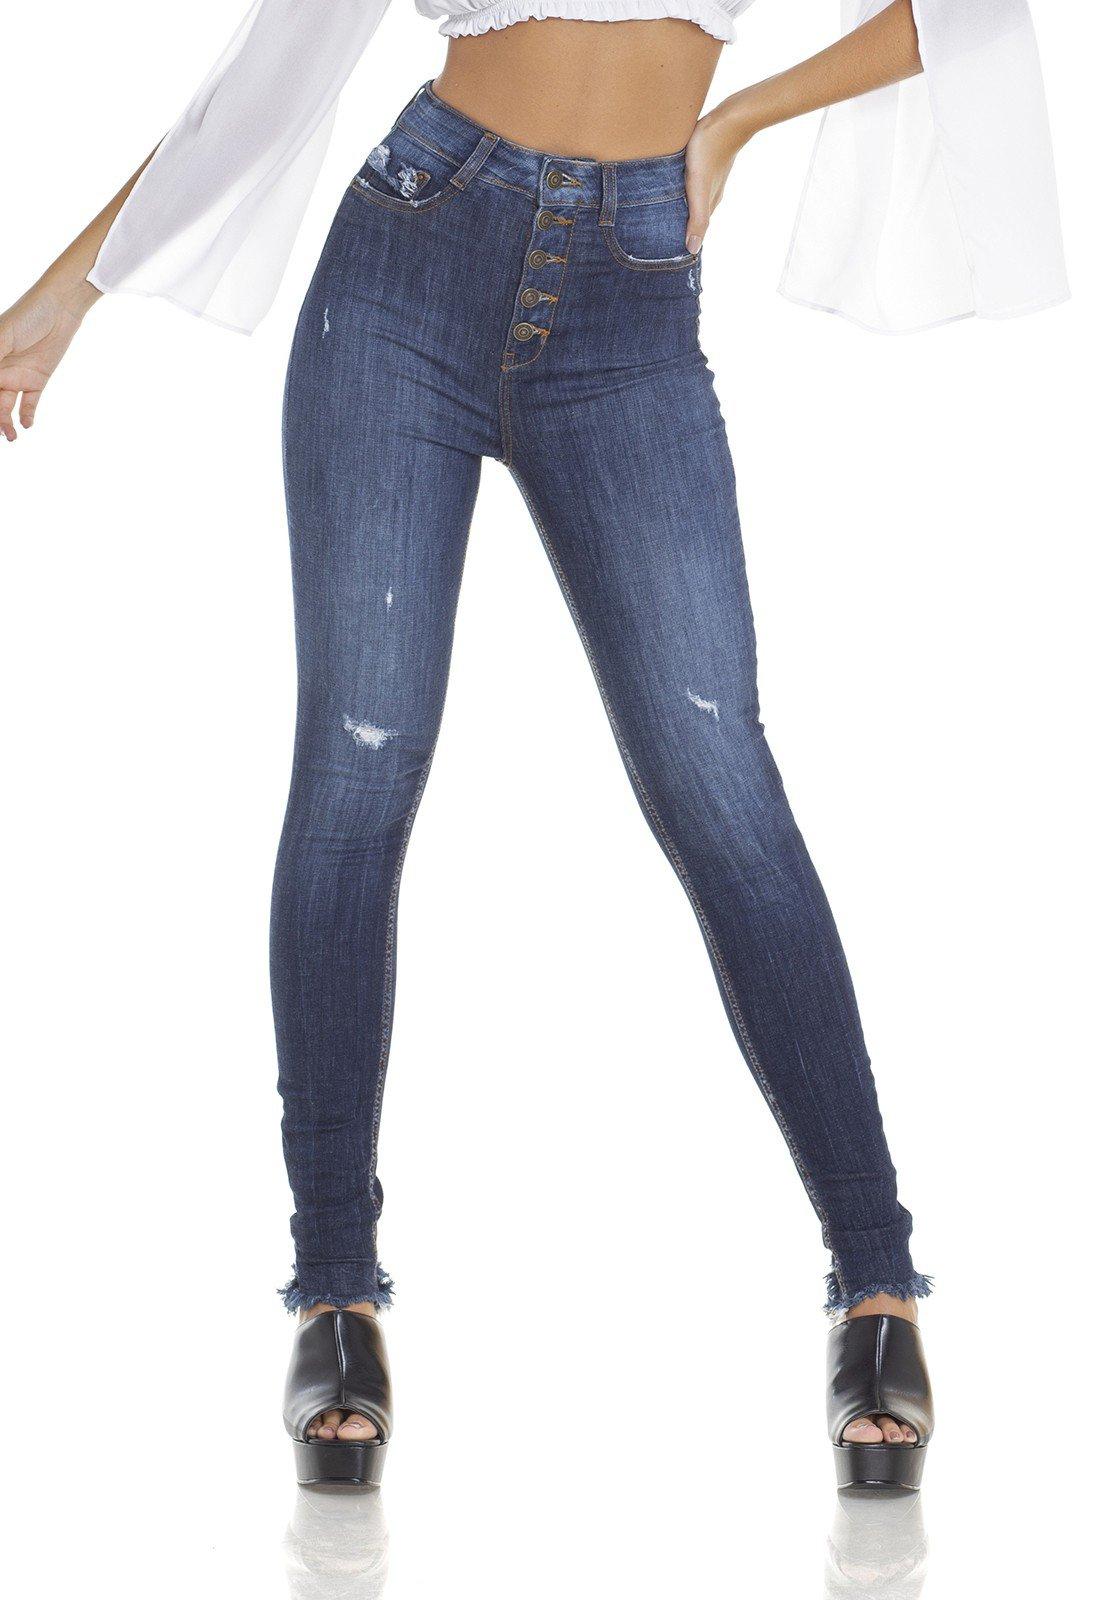 9314ab91b Contos e Lendas: Calça Jeans Feminina Skinny Cintura Alta com ...